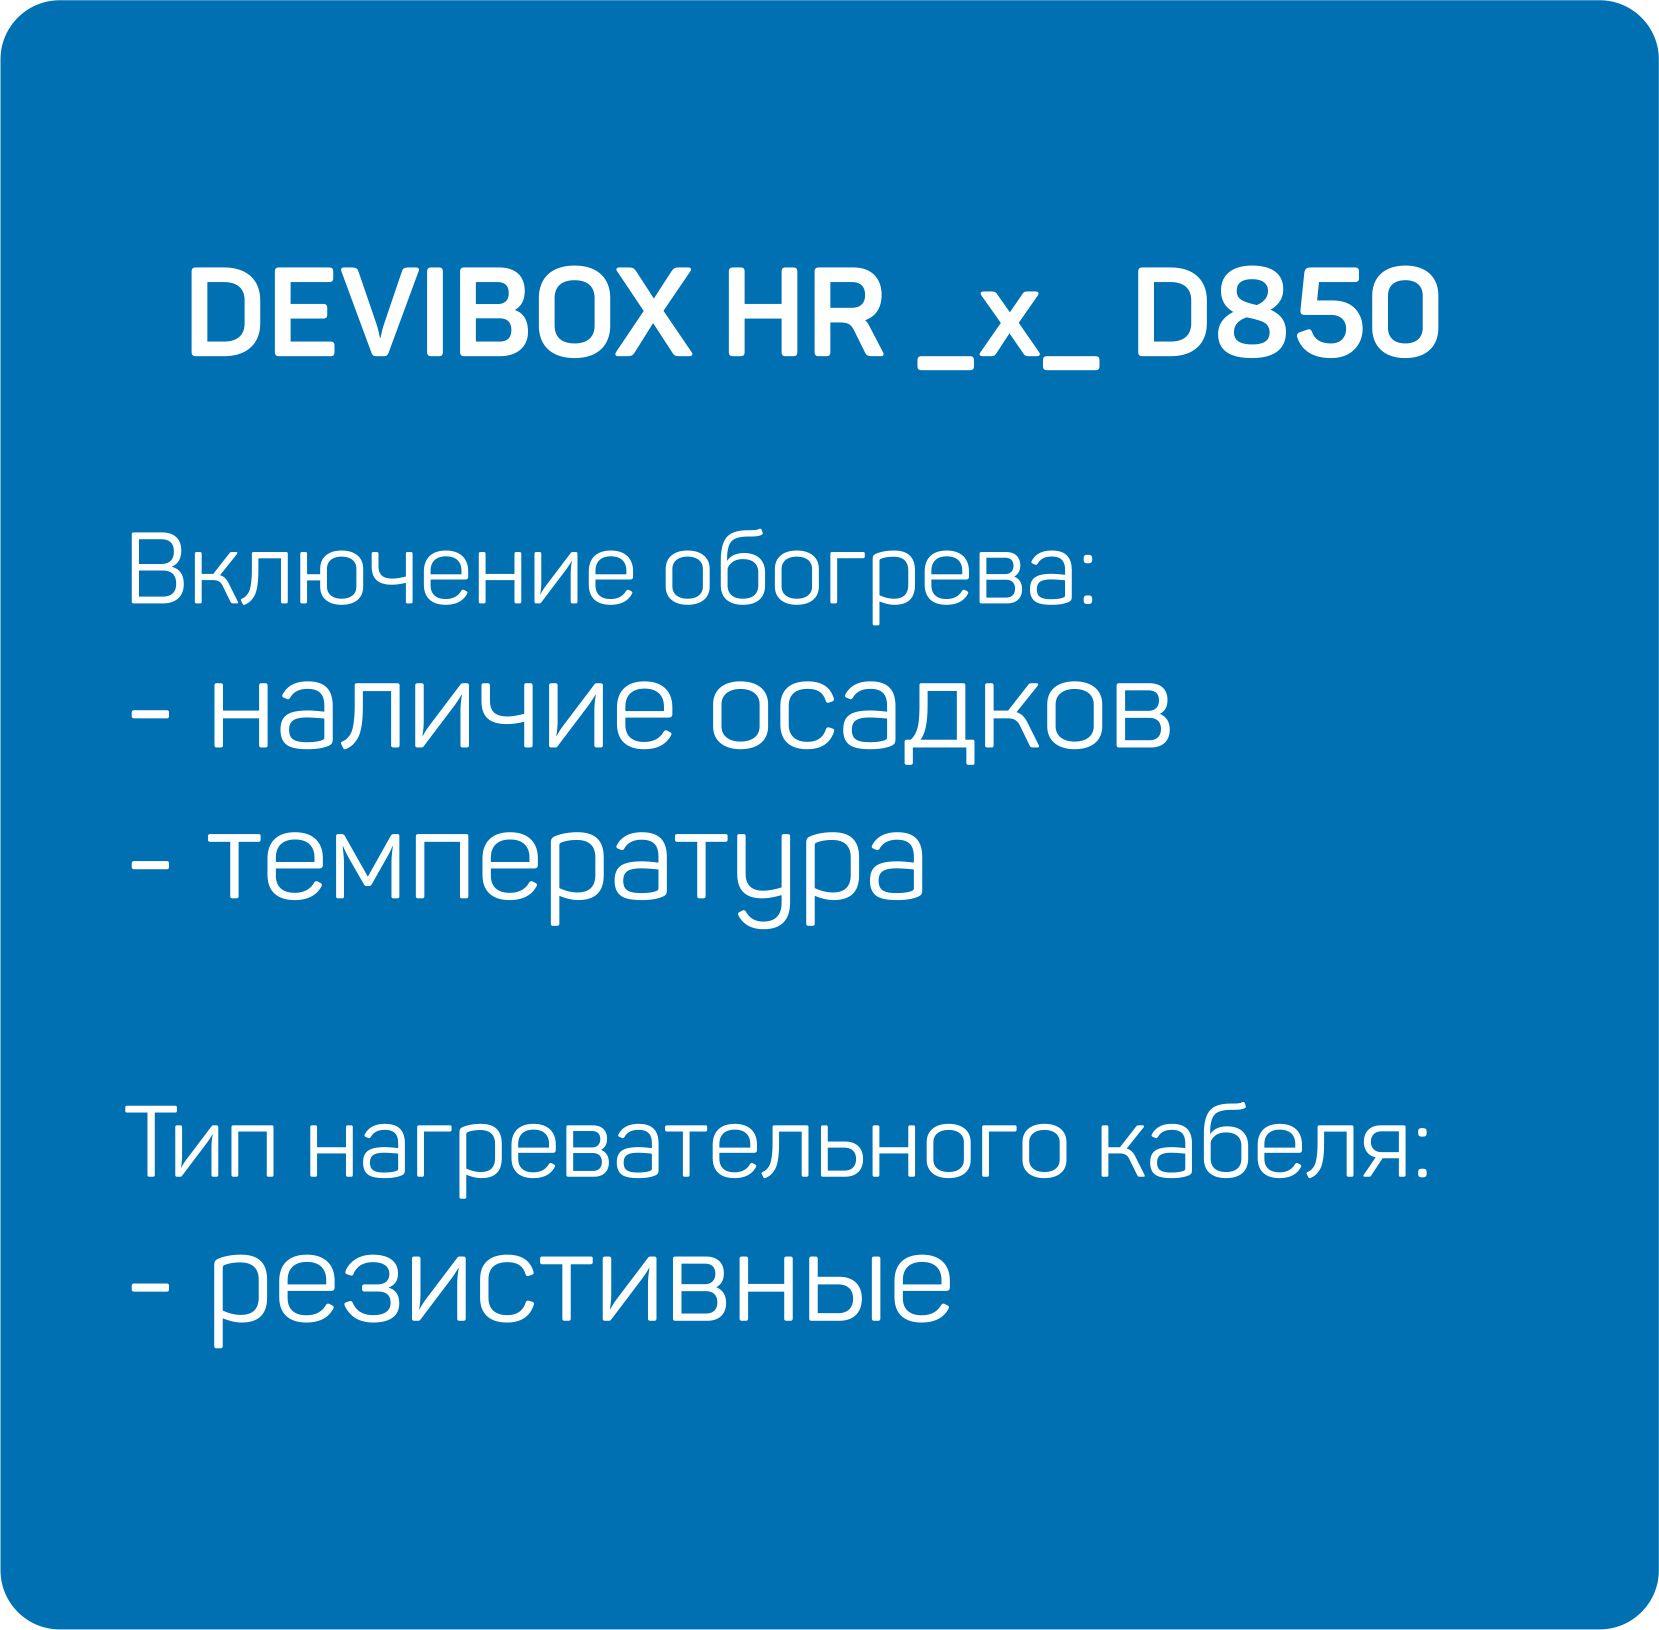 HR _x_ D850